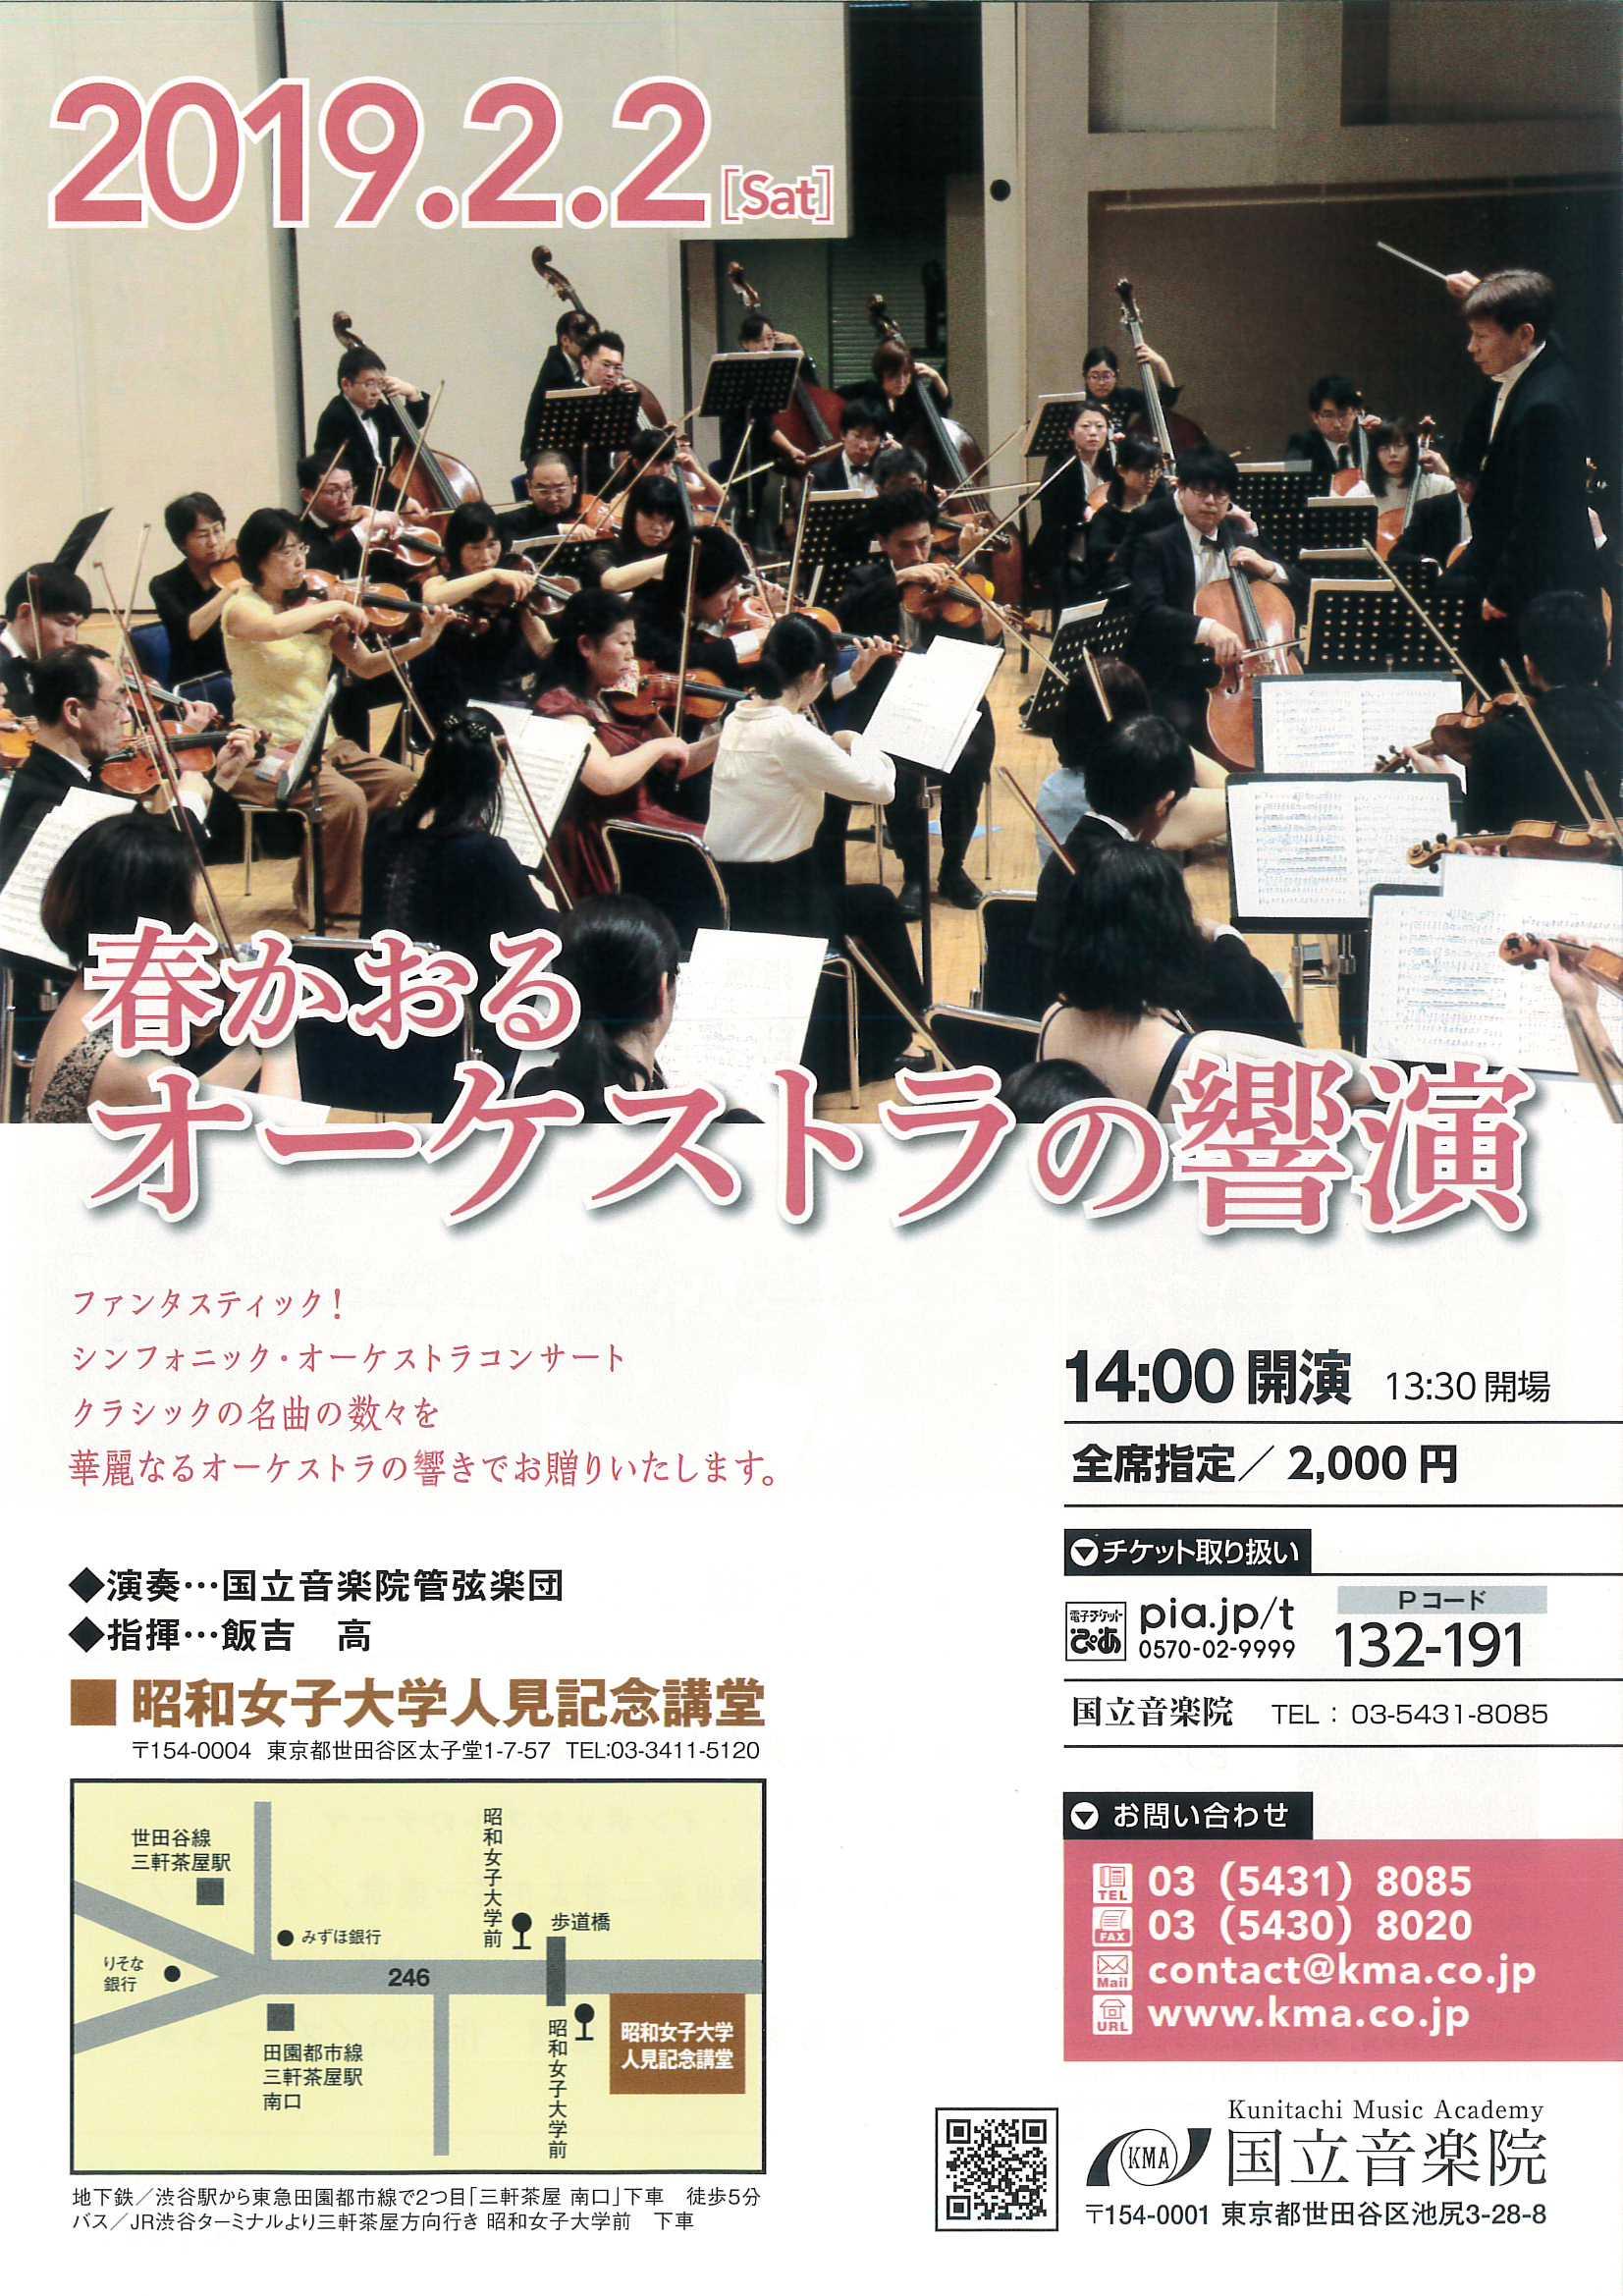 2019年2月2日(土)春かおるオーケストラの響演の公演情報。14:00開演、全席指定席2000円。演奏は国立音楽院管弦楽団、指揮は飯吉高が務めます。